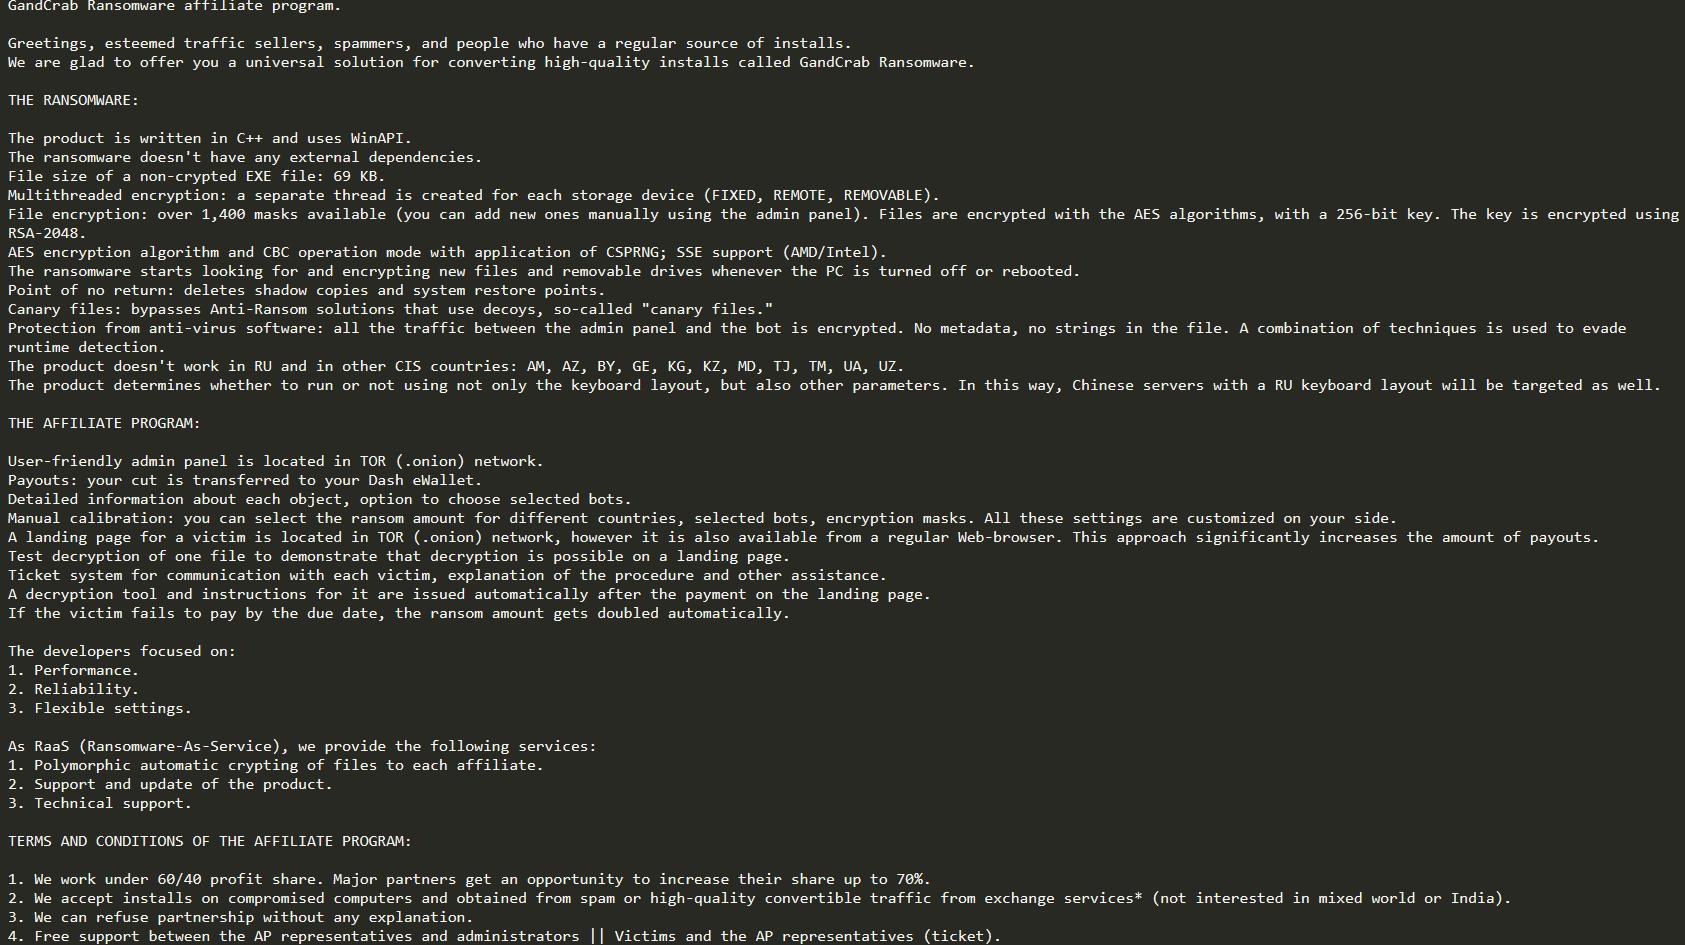 図1 GandCrabのアフィリエイトのアナウンス(出典:Krebs on Security)